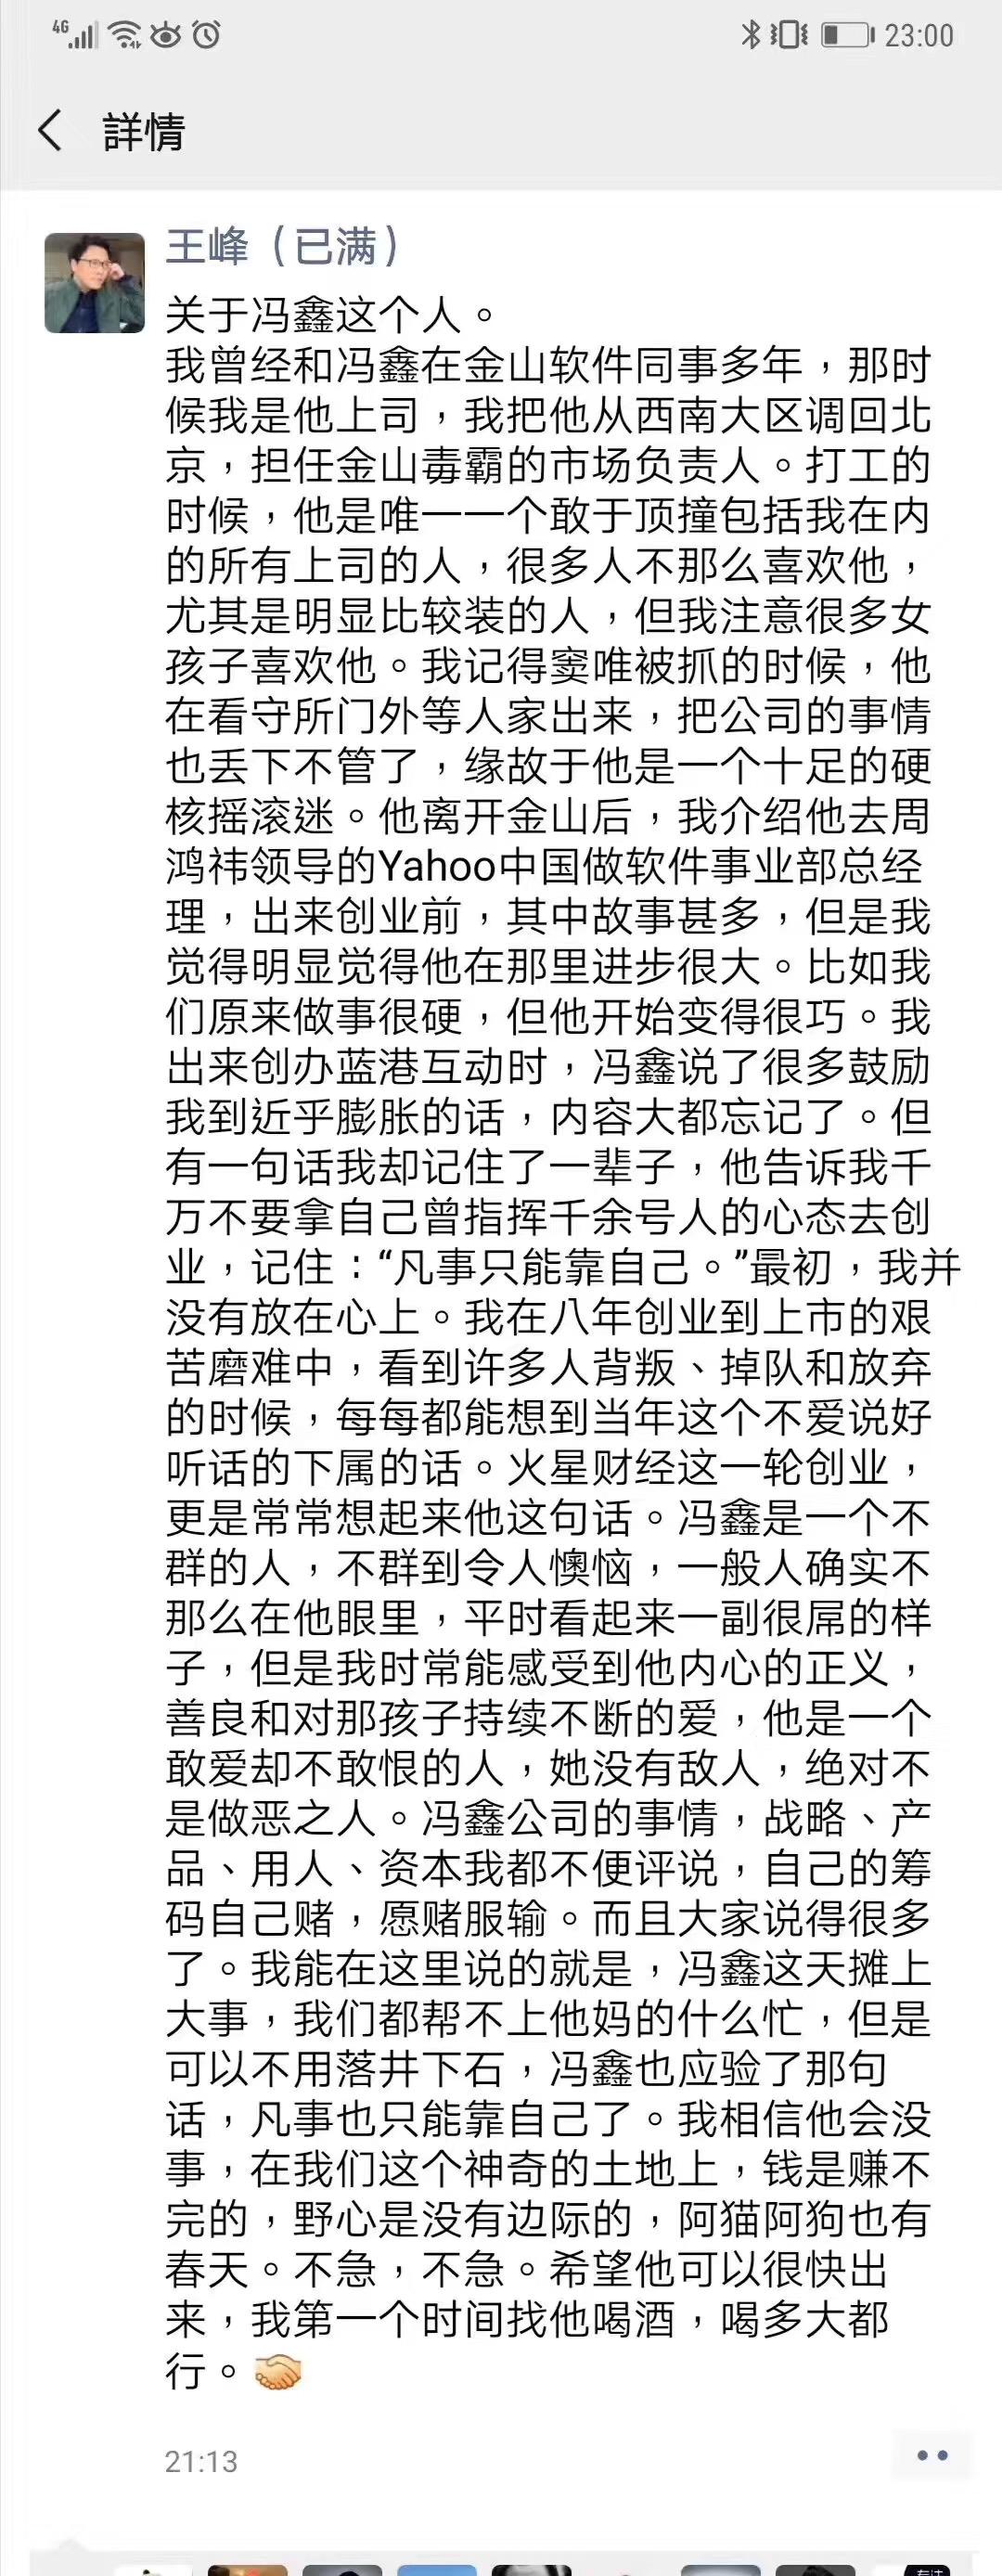 王峰发朋友圈谈冯鑫:绝对不是做恶之人,不用落井下石